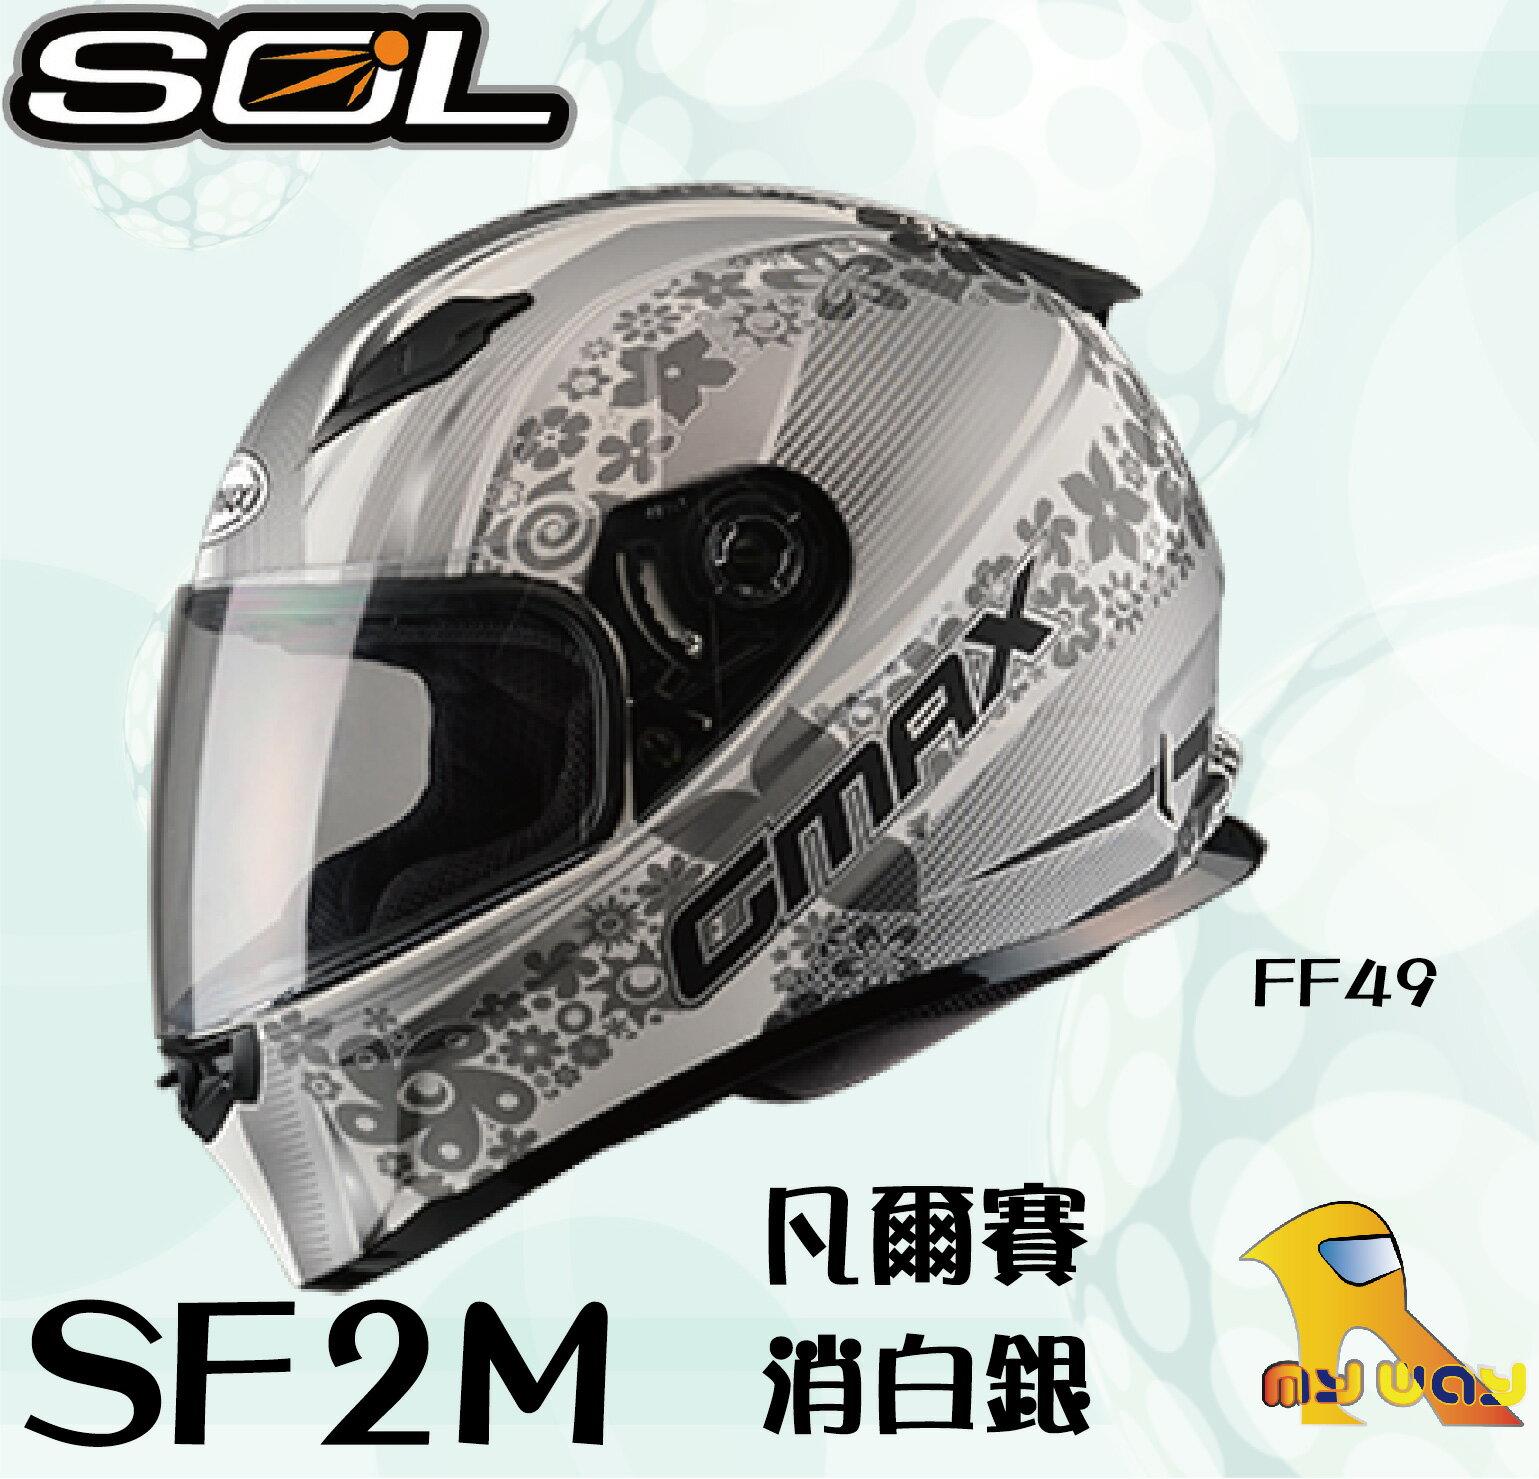 ~任我行騎士人身部品~SOL FF-49 SF-2M GMAX 凡爾賽 消白銀 全罩安全帽